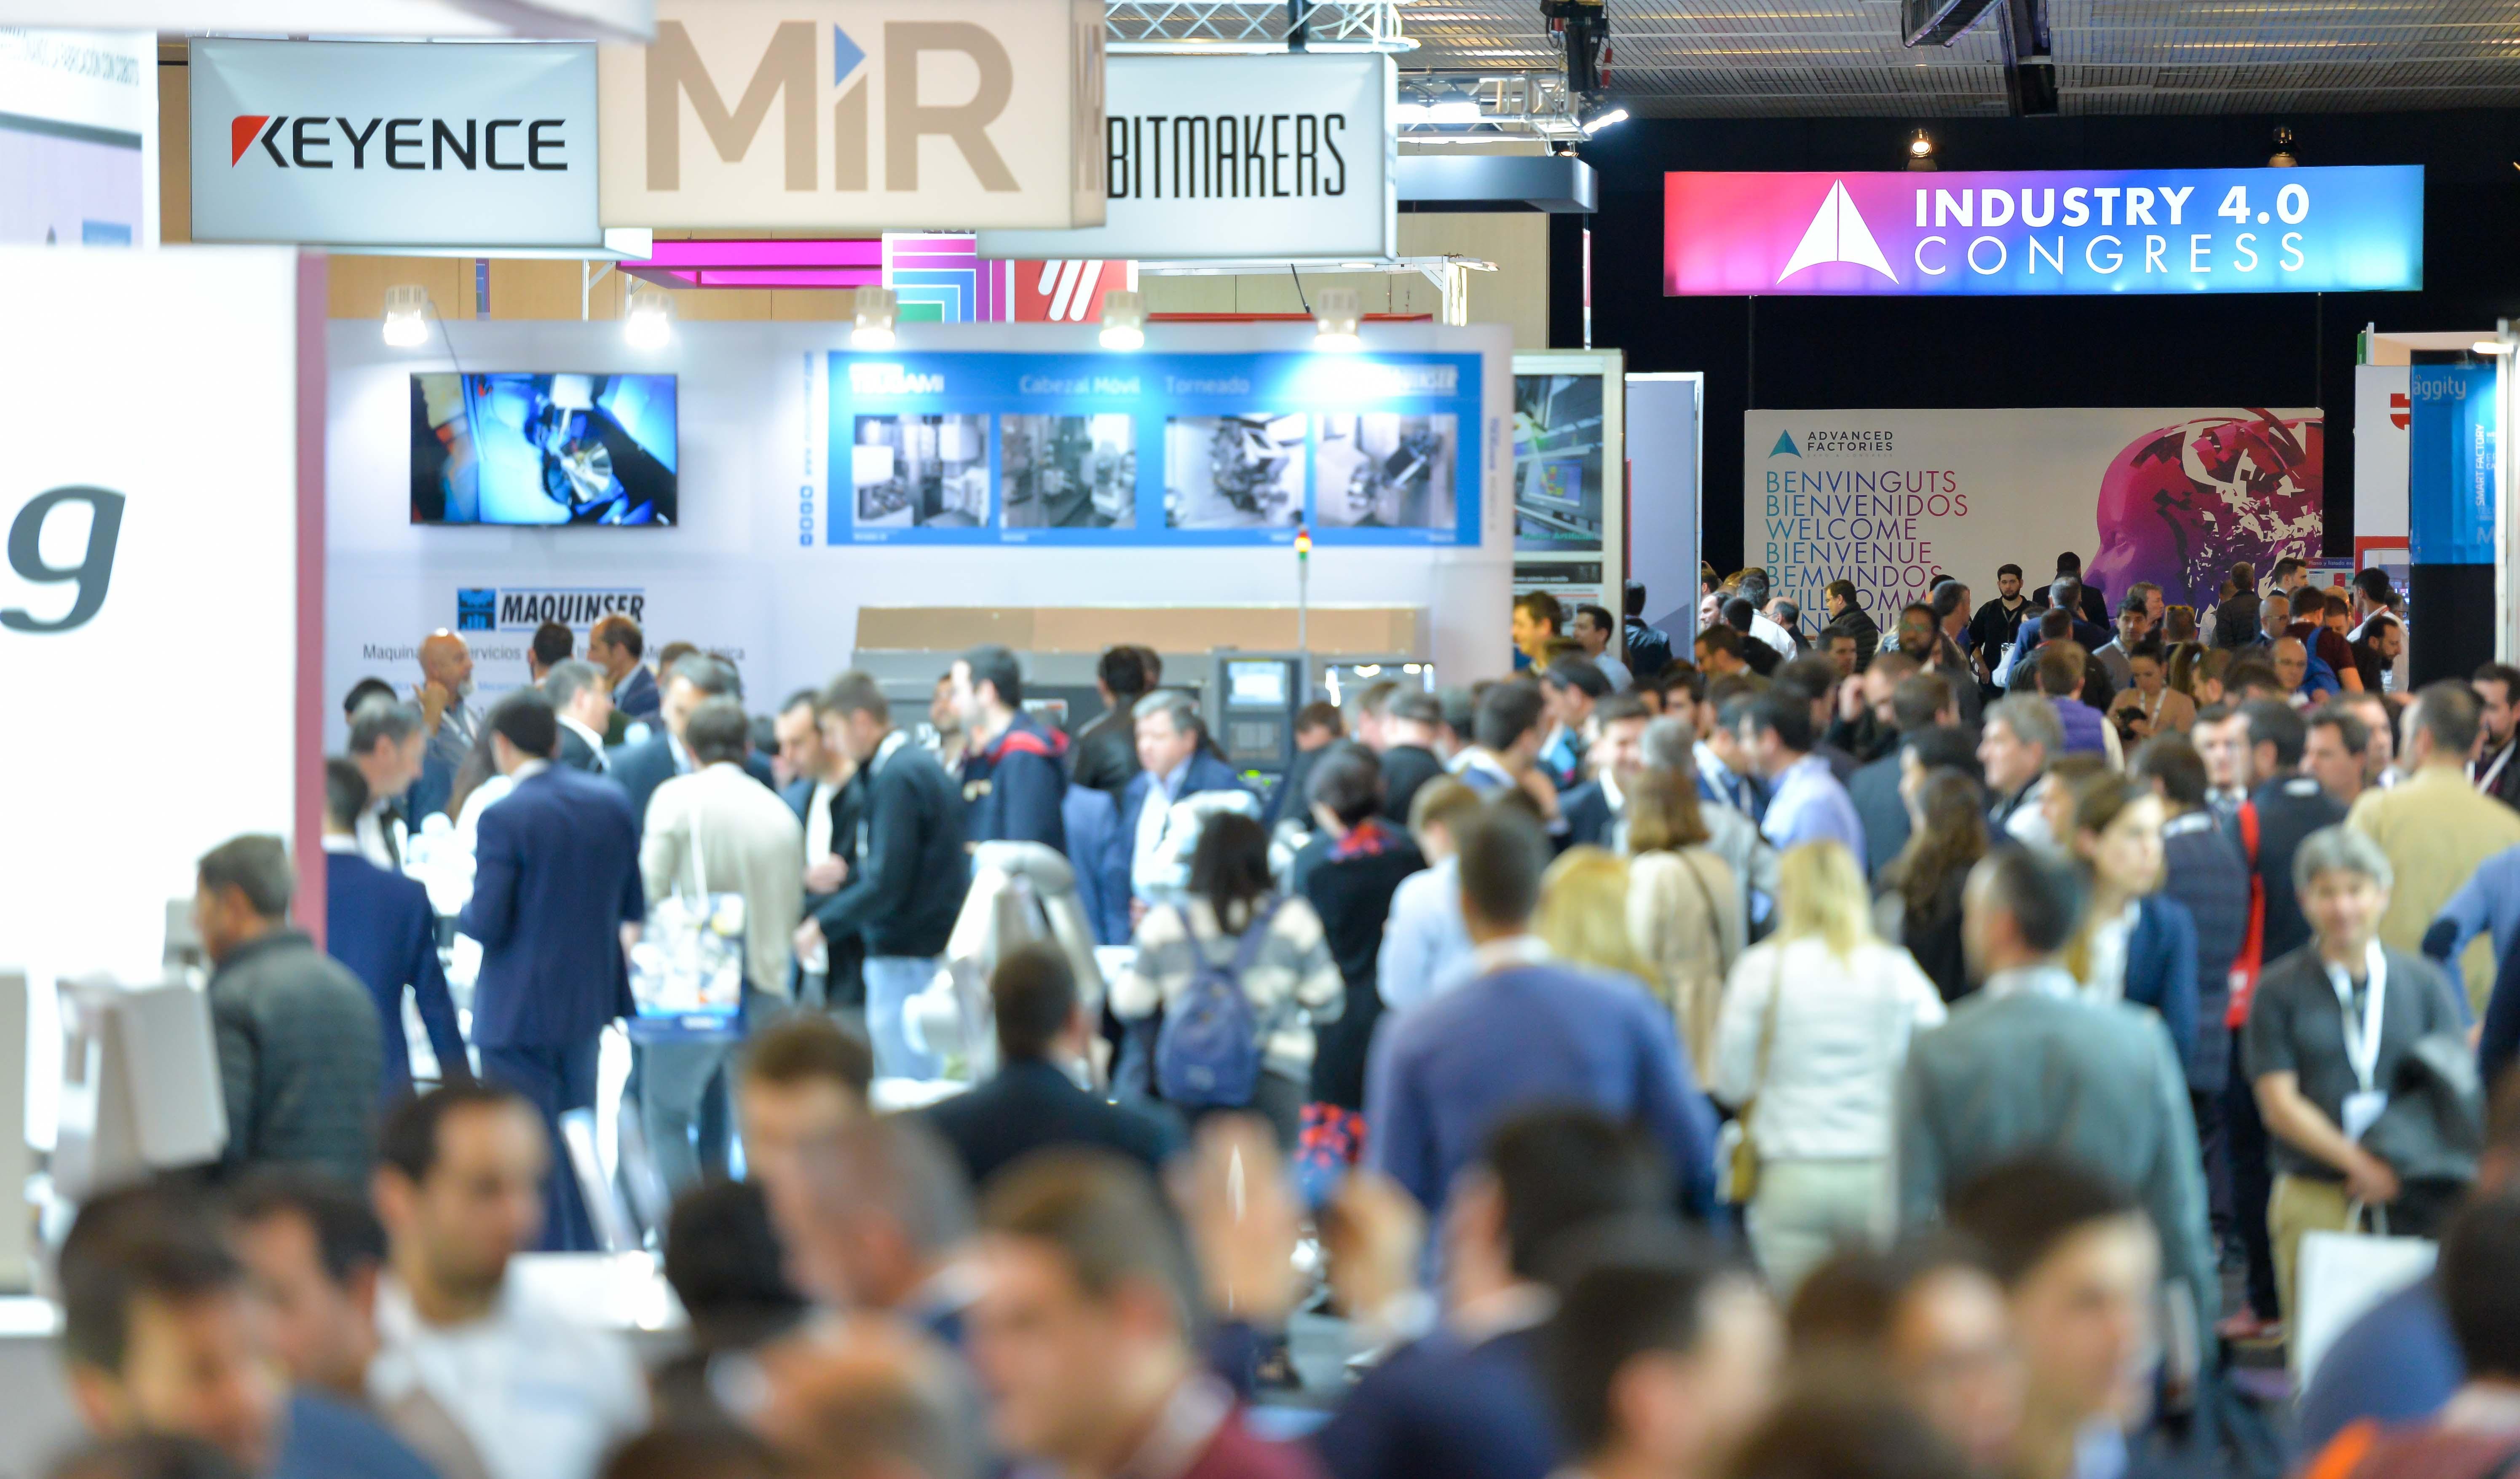 El Industry 4.0 Congress de Advanced Factories 2020 abre la recepción de candidaturas a los líderes industriales más disruptivos e innovadores